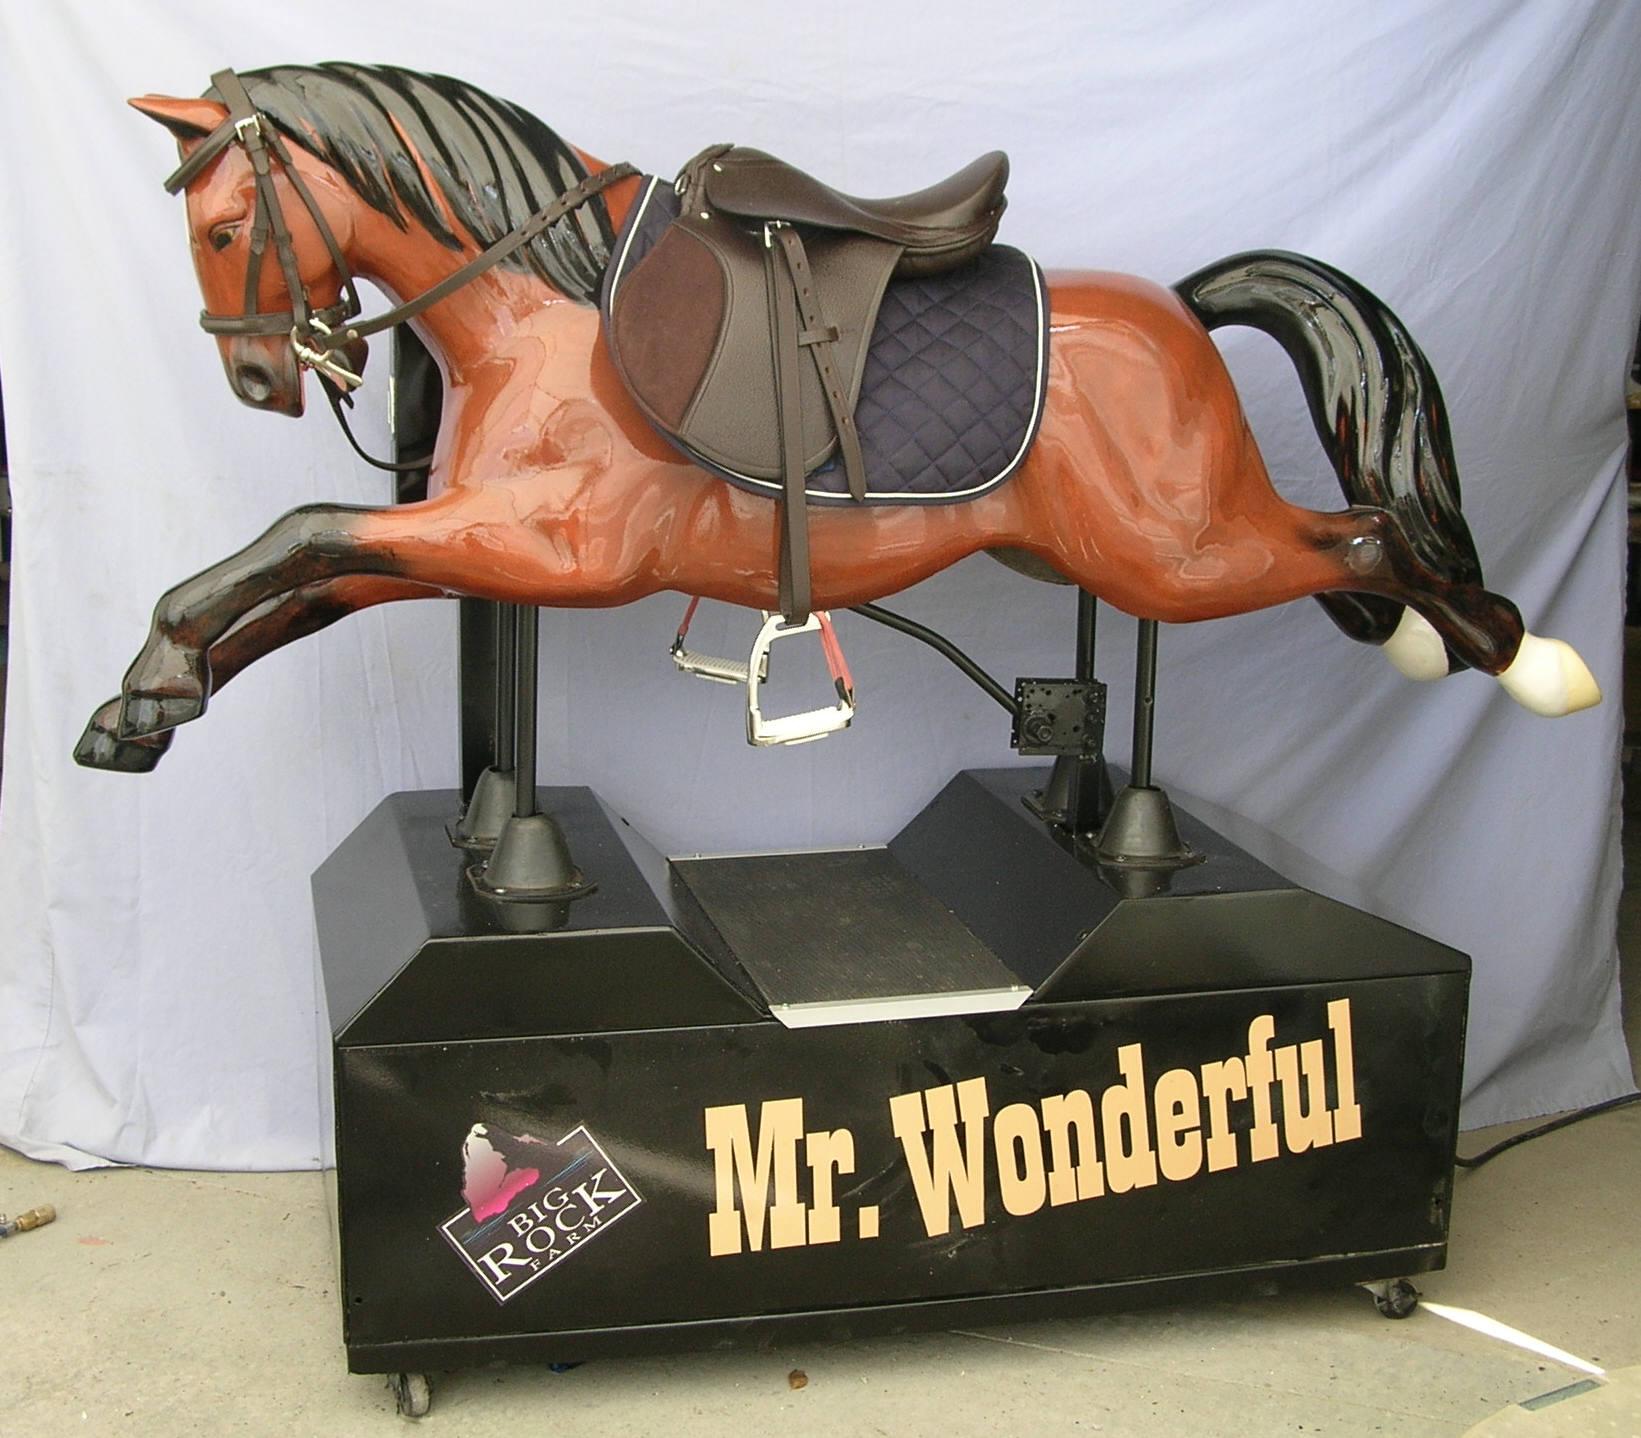 Mr.Wonderful%20aa.jpg